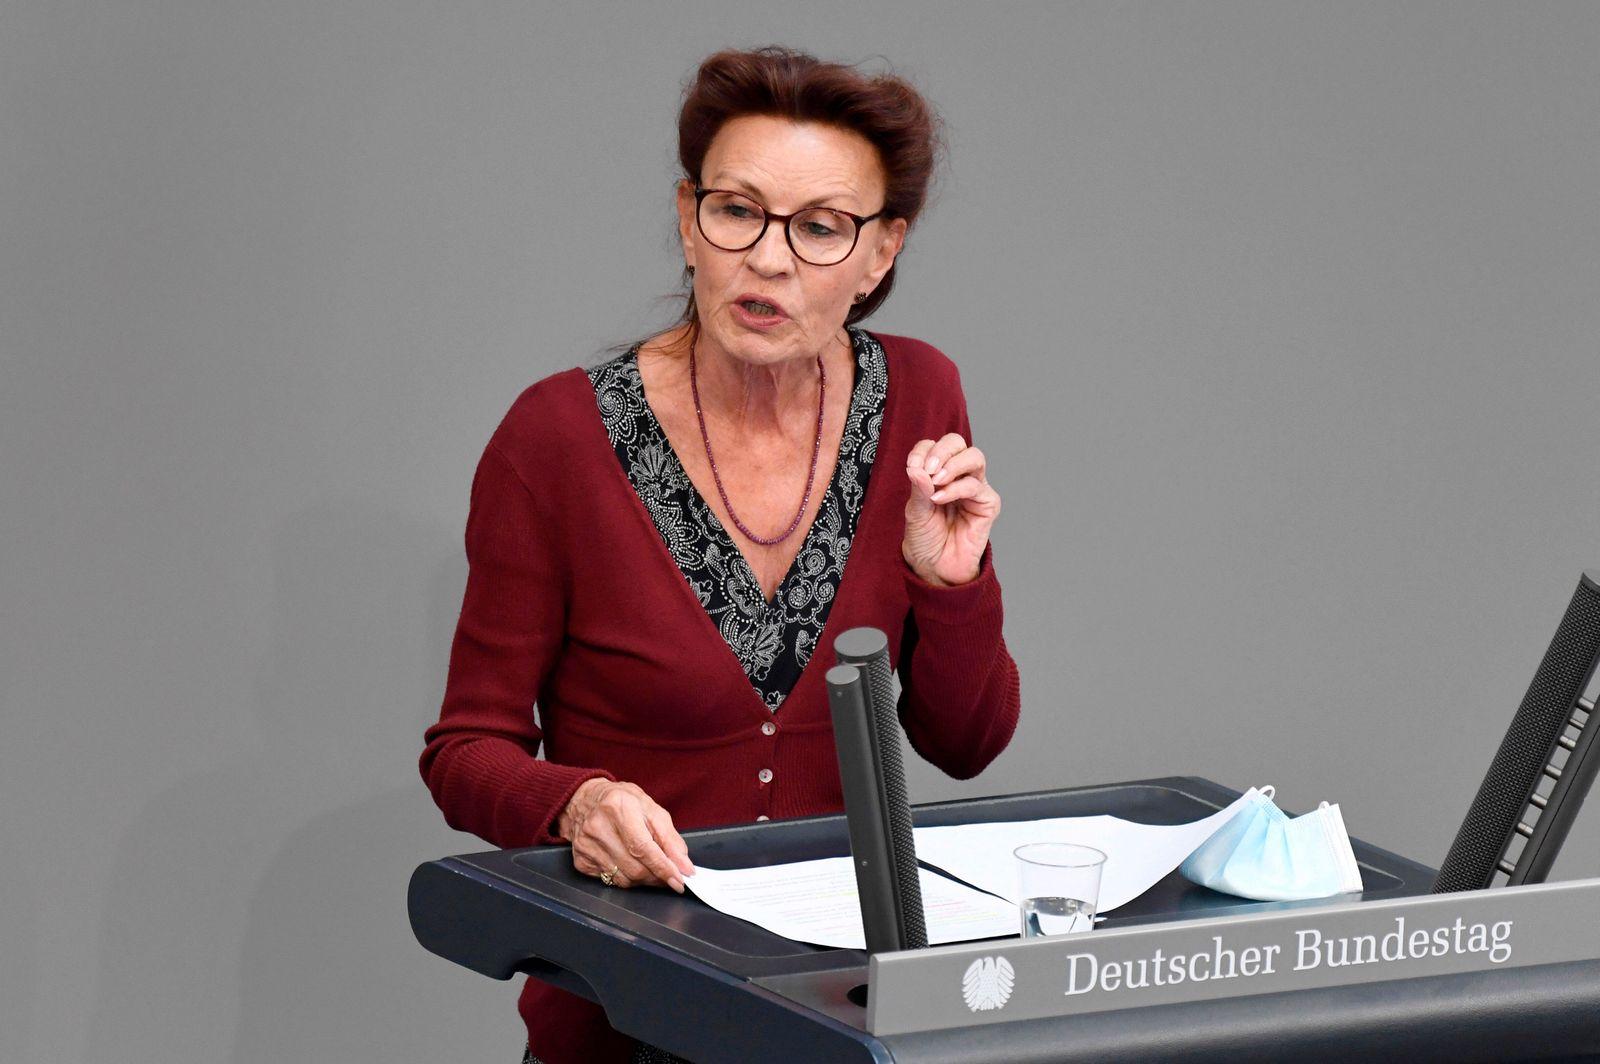 Ulla Jelpke in der 233. Sitzung des Deutschen Bundestages im Reichstagsgebäude. Berlin, 10.06.2021 *** Ulla Jelpke at t